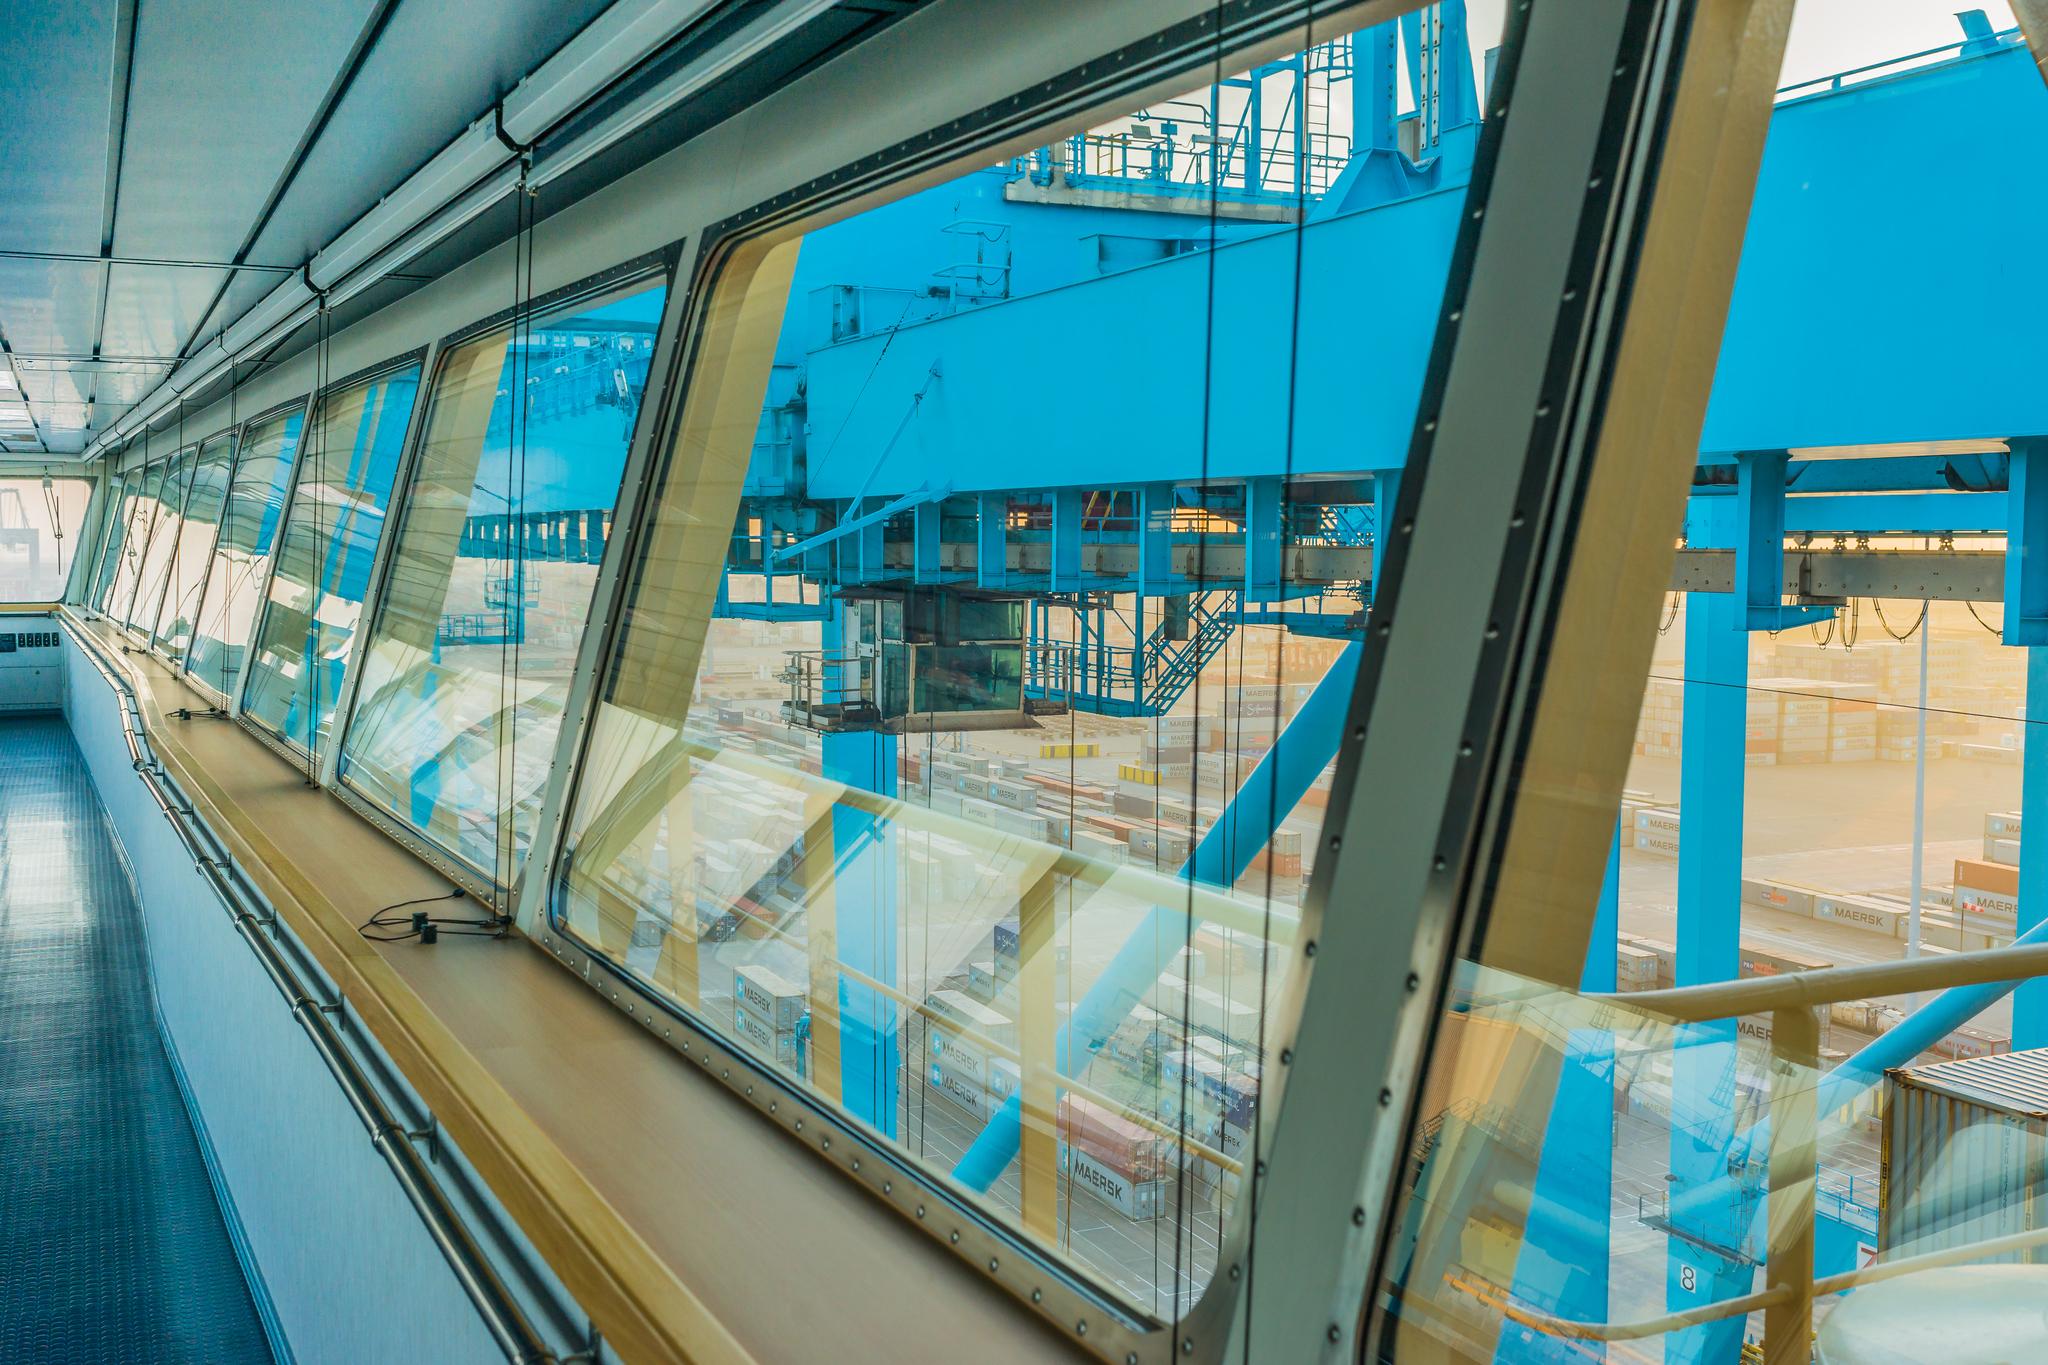 Wnętrze mostka Mayview Maersk, w tle suwnice portowe i plac składowy terminala APM Maasvlakte (fot. Robert Urbaniak)